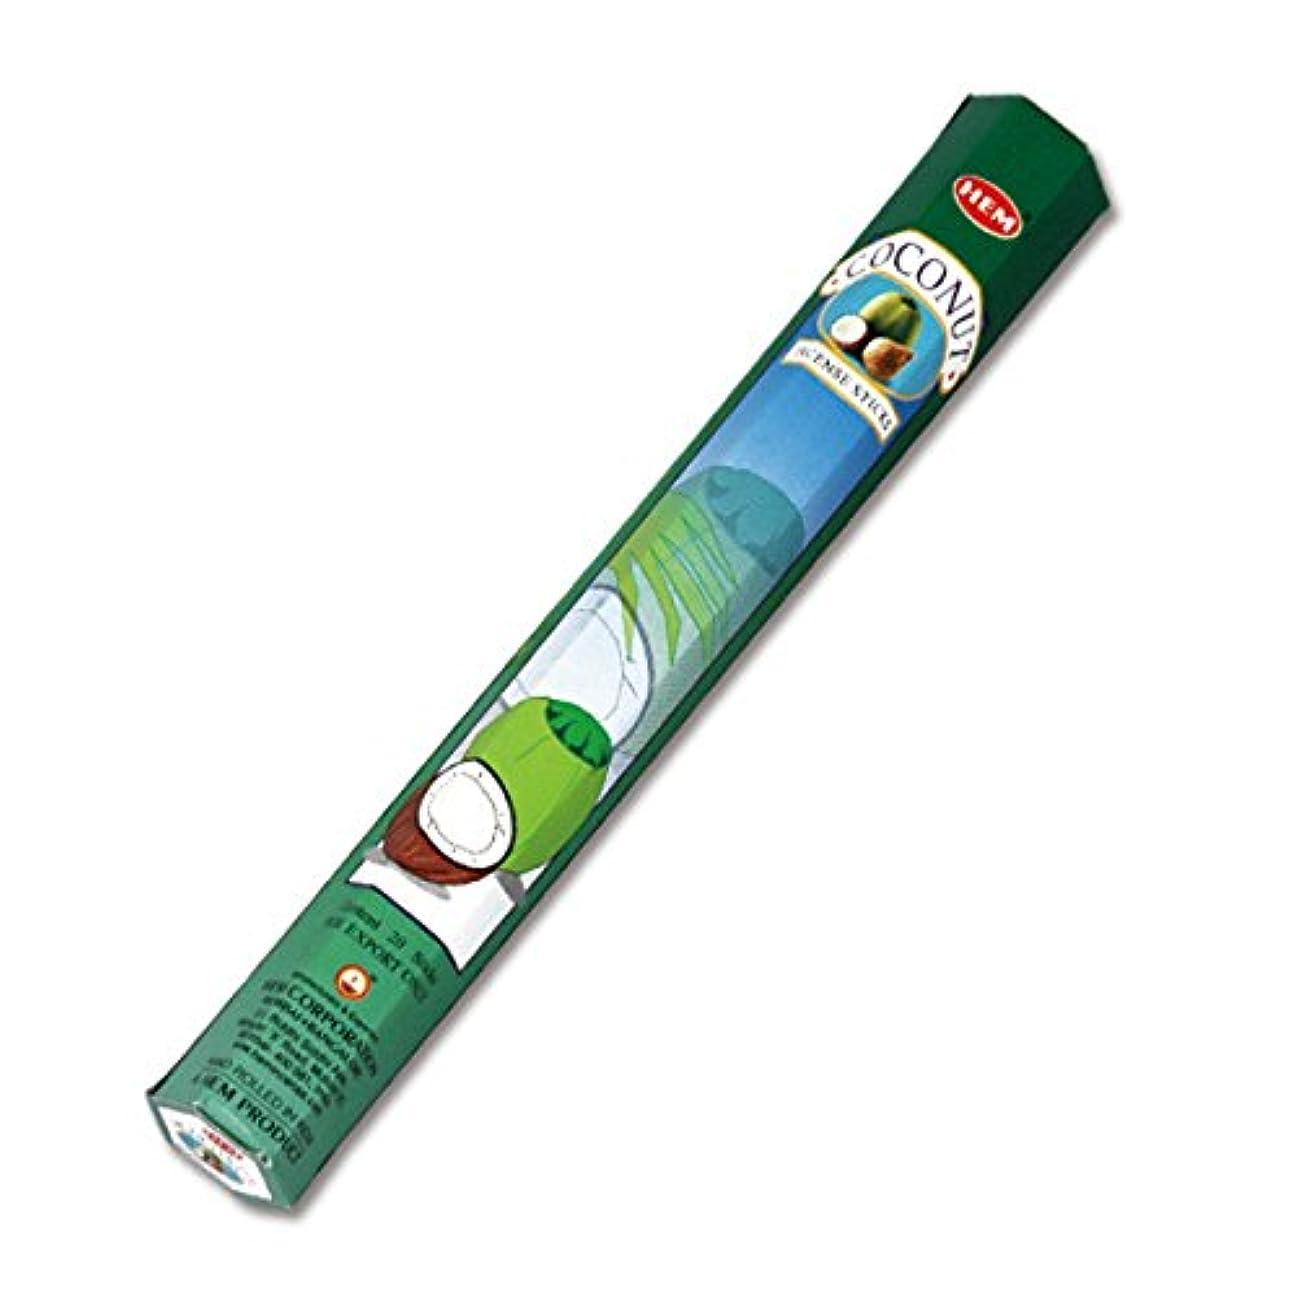 規制する主張観客HEM(ヘム) ココナッツ COCONUT スティックタイプ お香 1筒 単品 [並行輸入品]